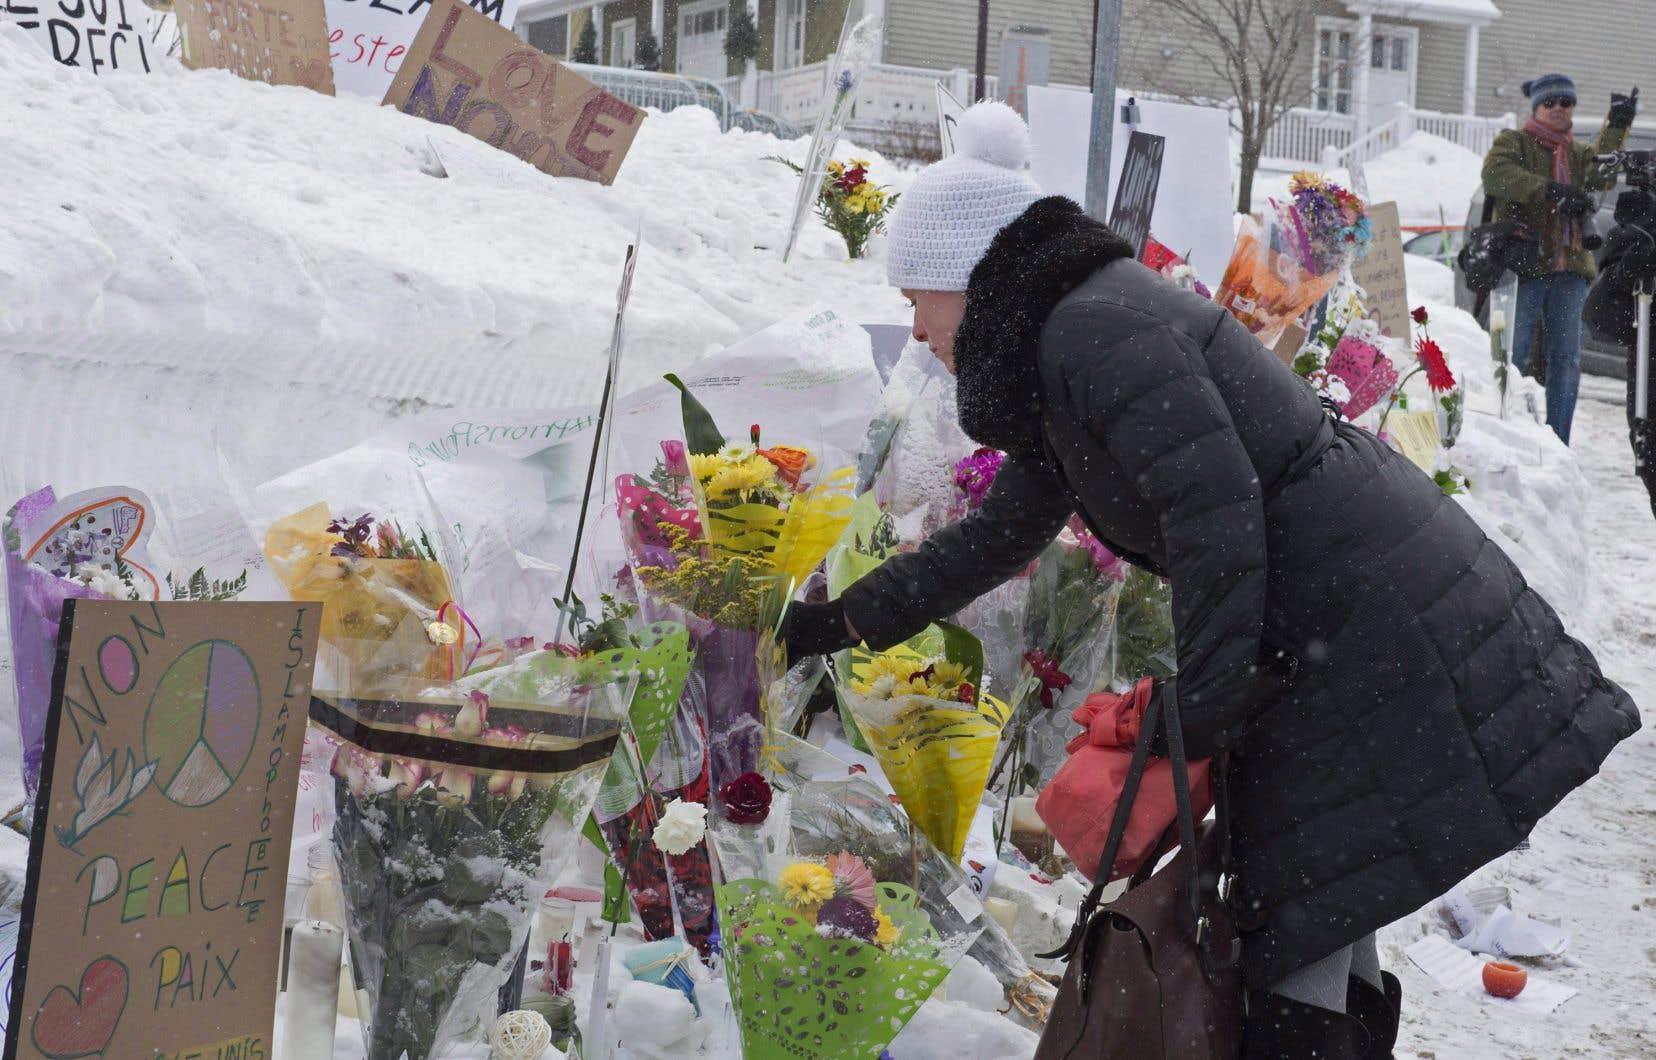 «La récente insurrection à Washington ainsi que l'attentat à la Grande Mosquée de Québec, dont nous commémorons le quatrième anniversaire cette semaine, sont issus de la même problématique: une radicalisation en ligne suivie d'attaques contre des victimes bien réelles», écrit l'auteur.